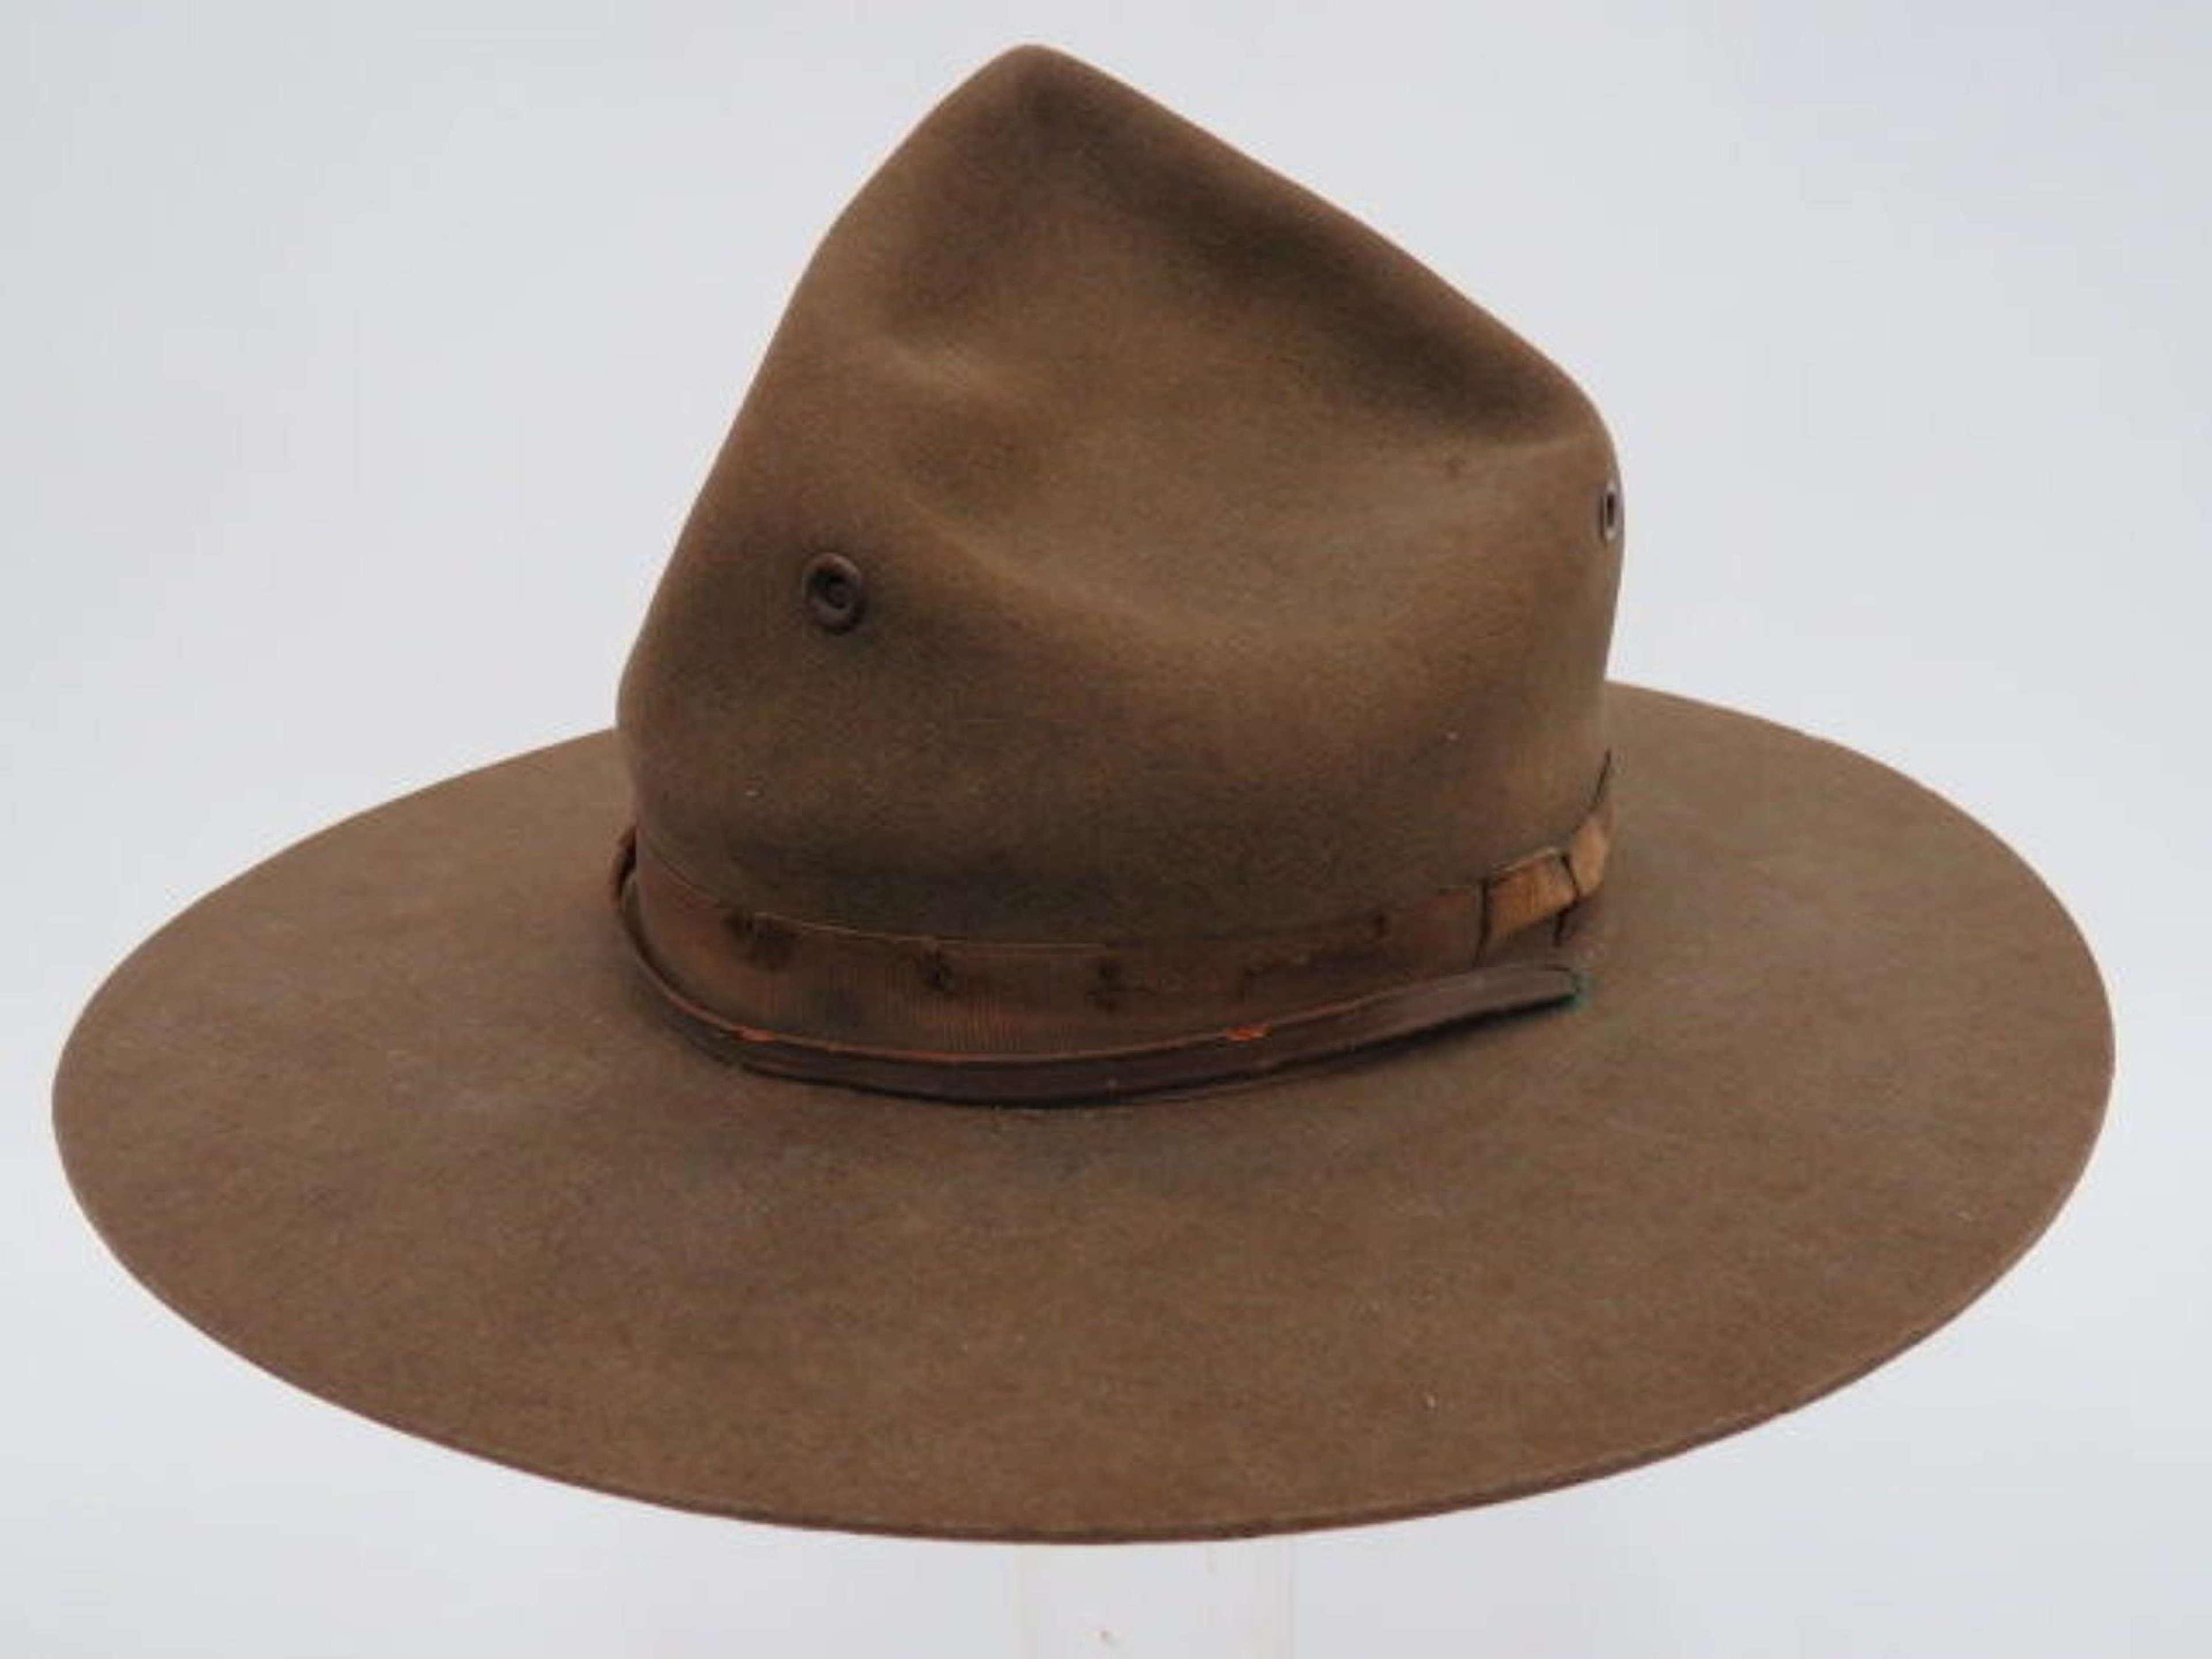 American lemon Squeezer Campaign Hat